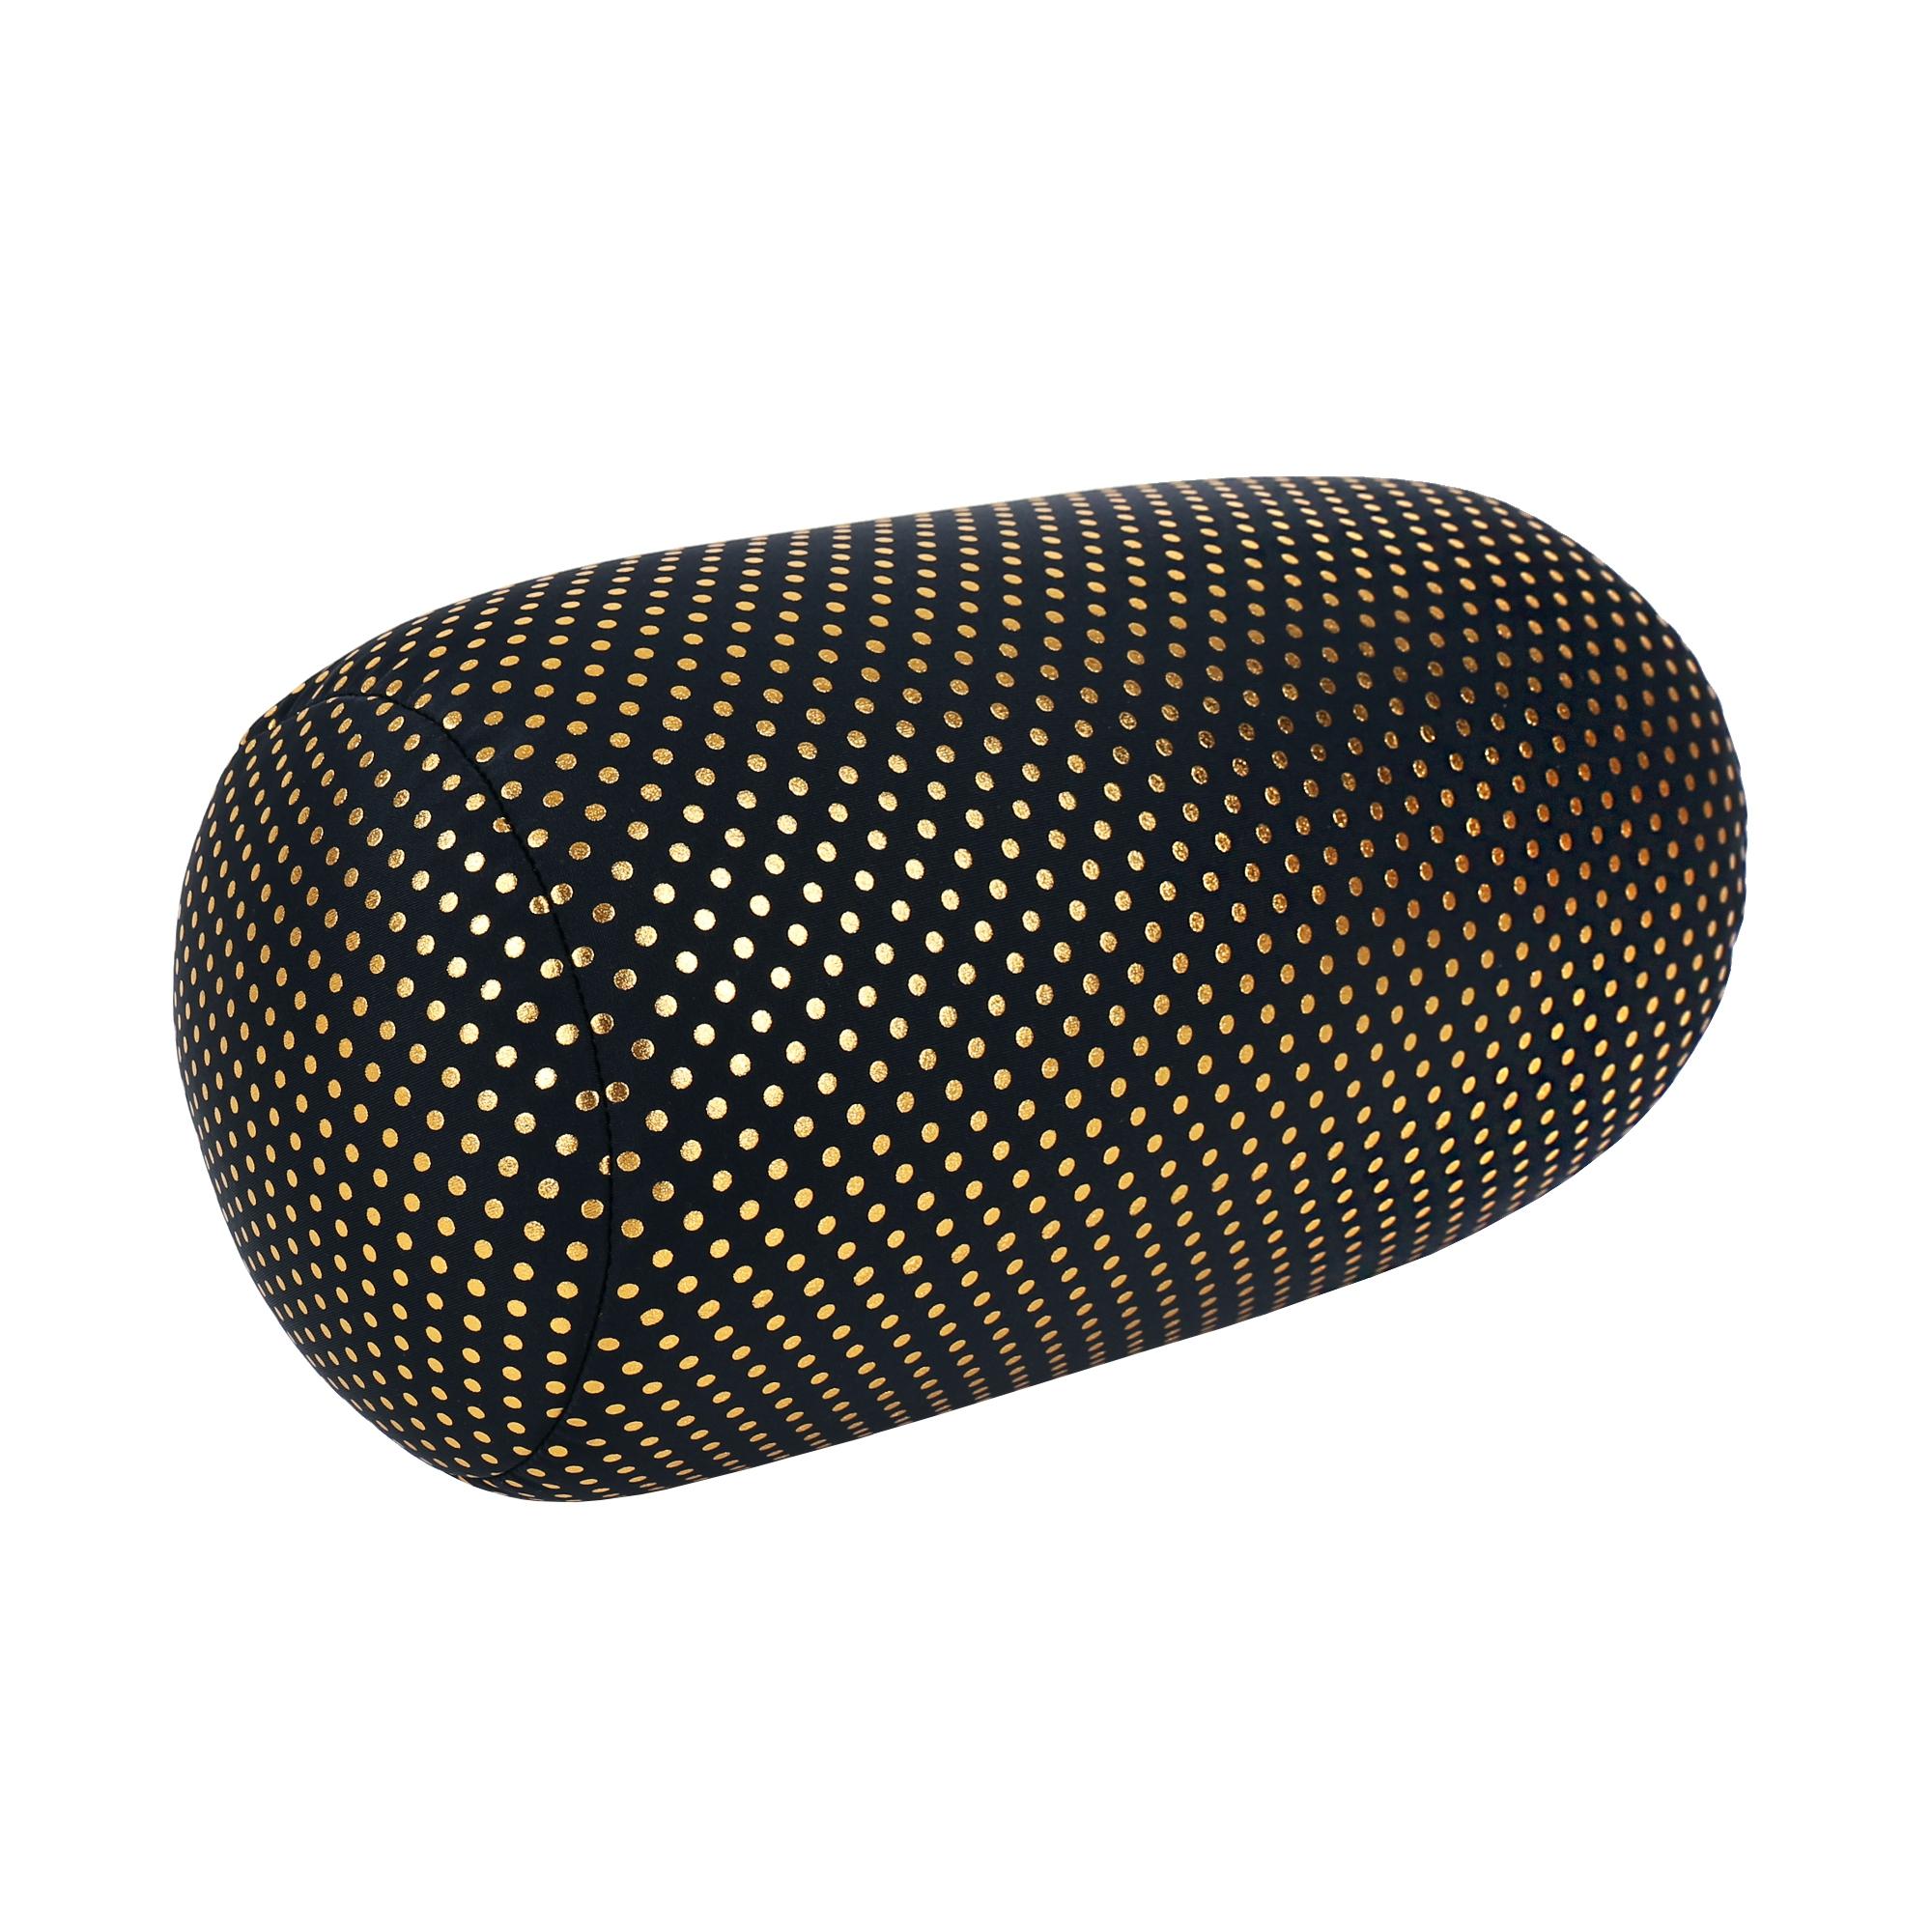 Relaxační polštáře - Relaxační polštář - Zlaté puntíky